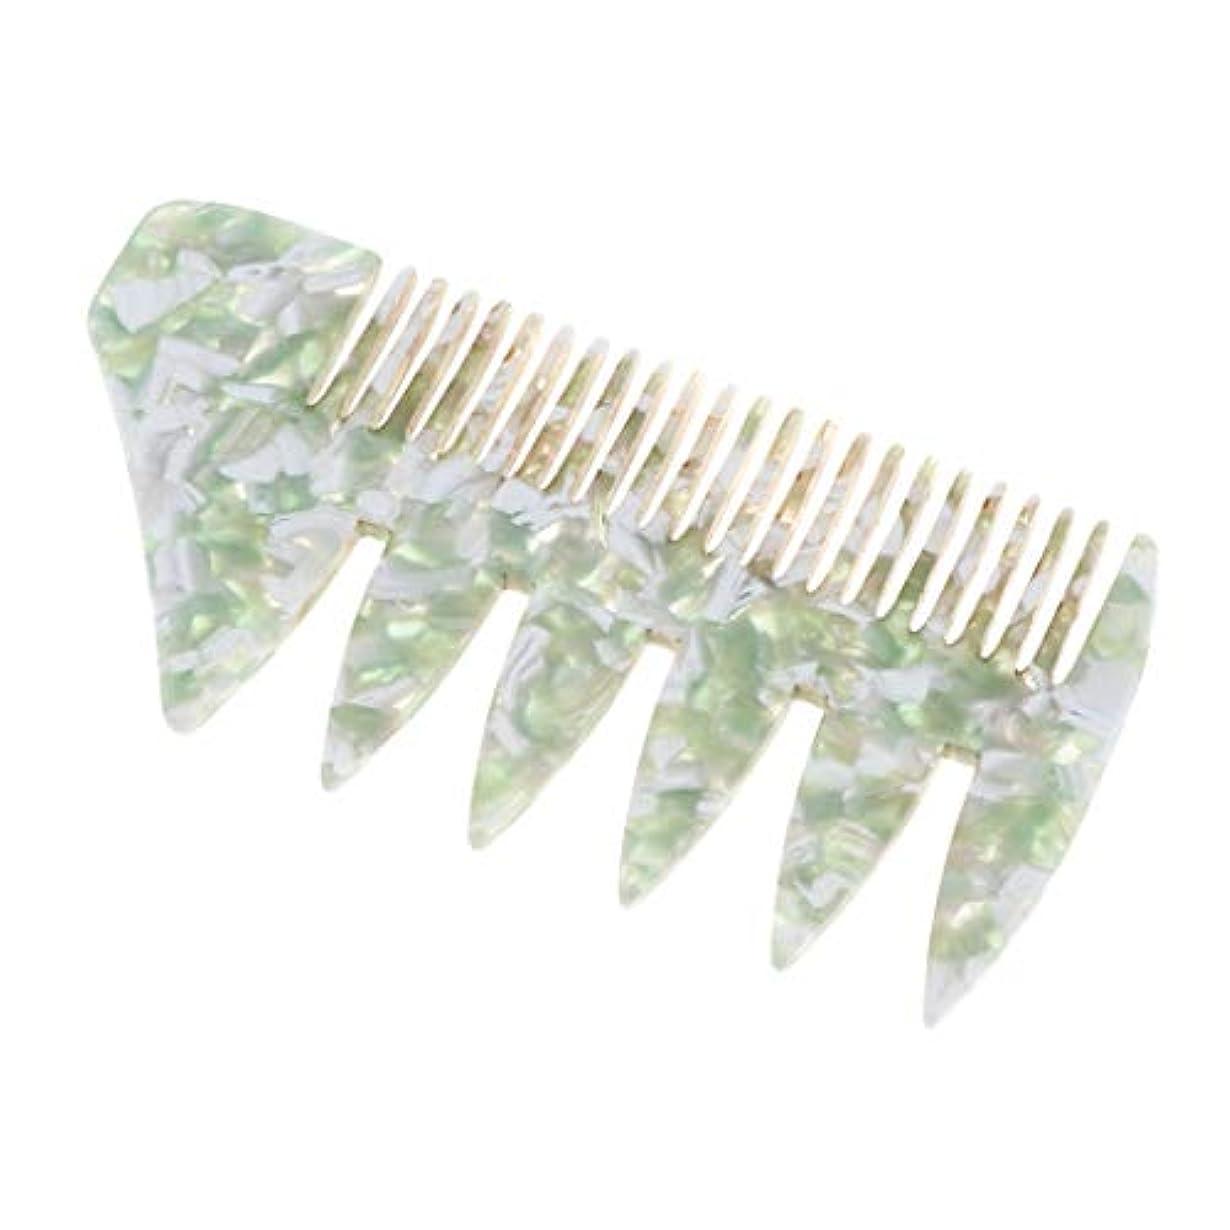 マーチャンダイジング争い摂動SM SunniMix プラスチック 広い歯 ヘアスタイリング櫛 くし 全4色 - 緑